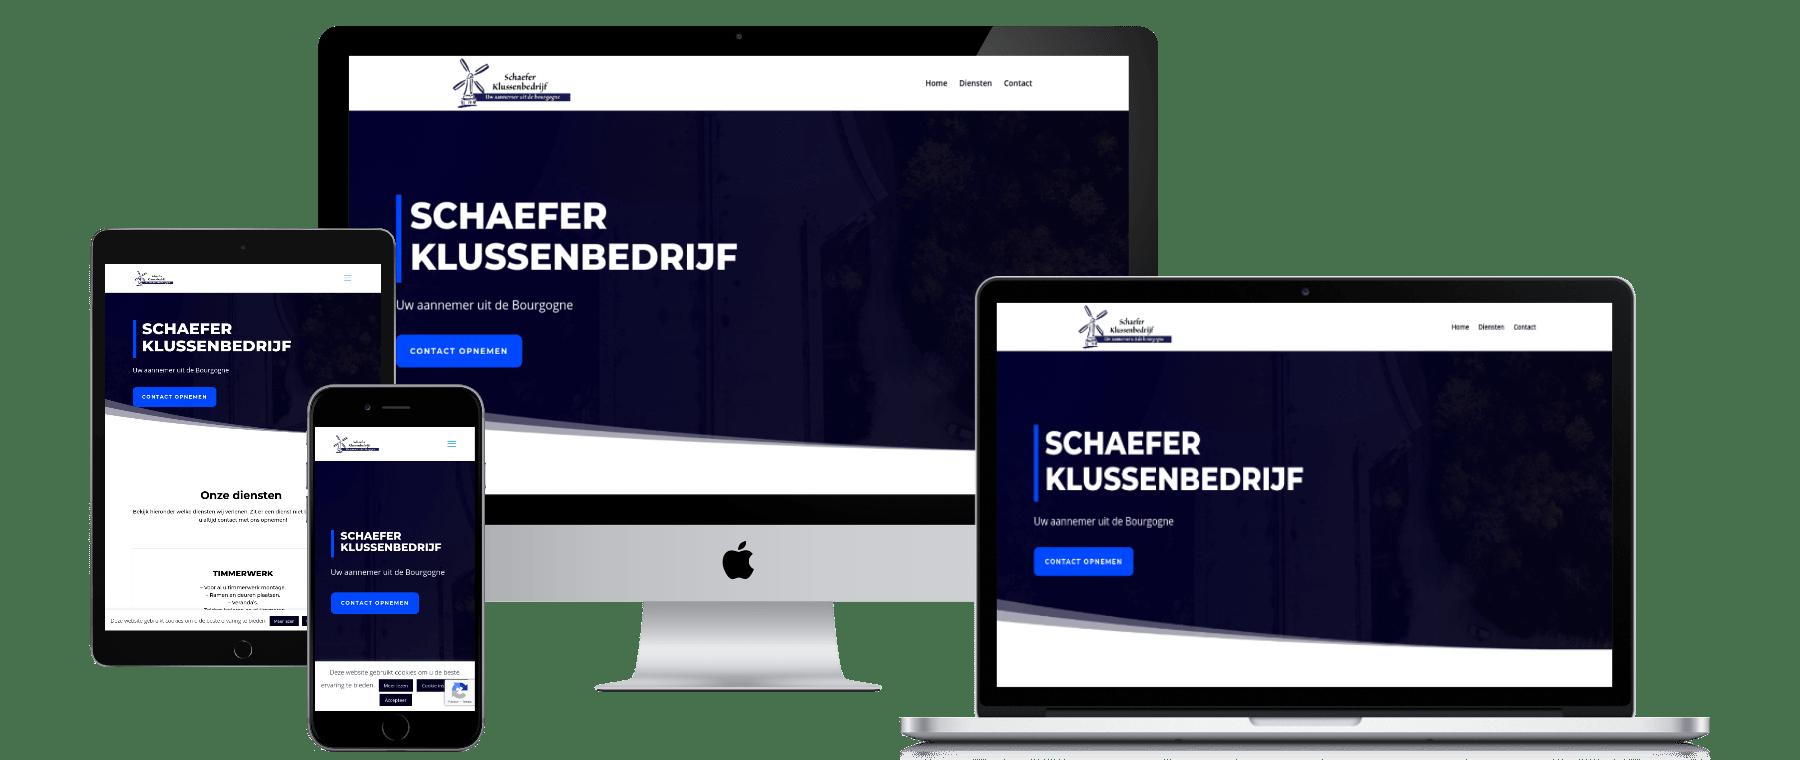 Housing-Online4u website laten maken door DigiVisuall Friesland